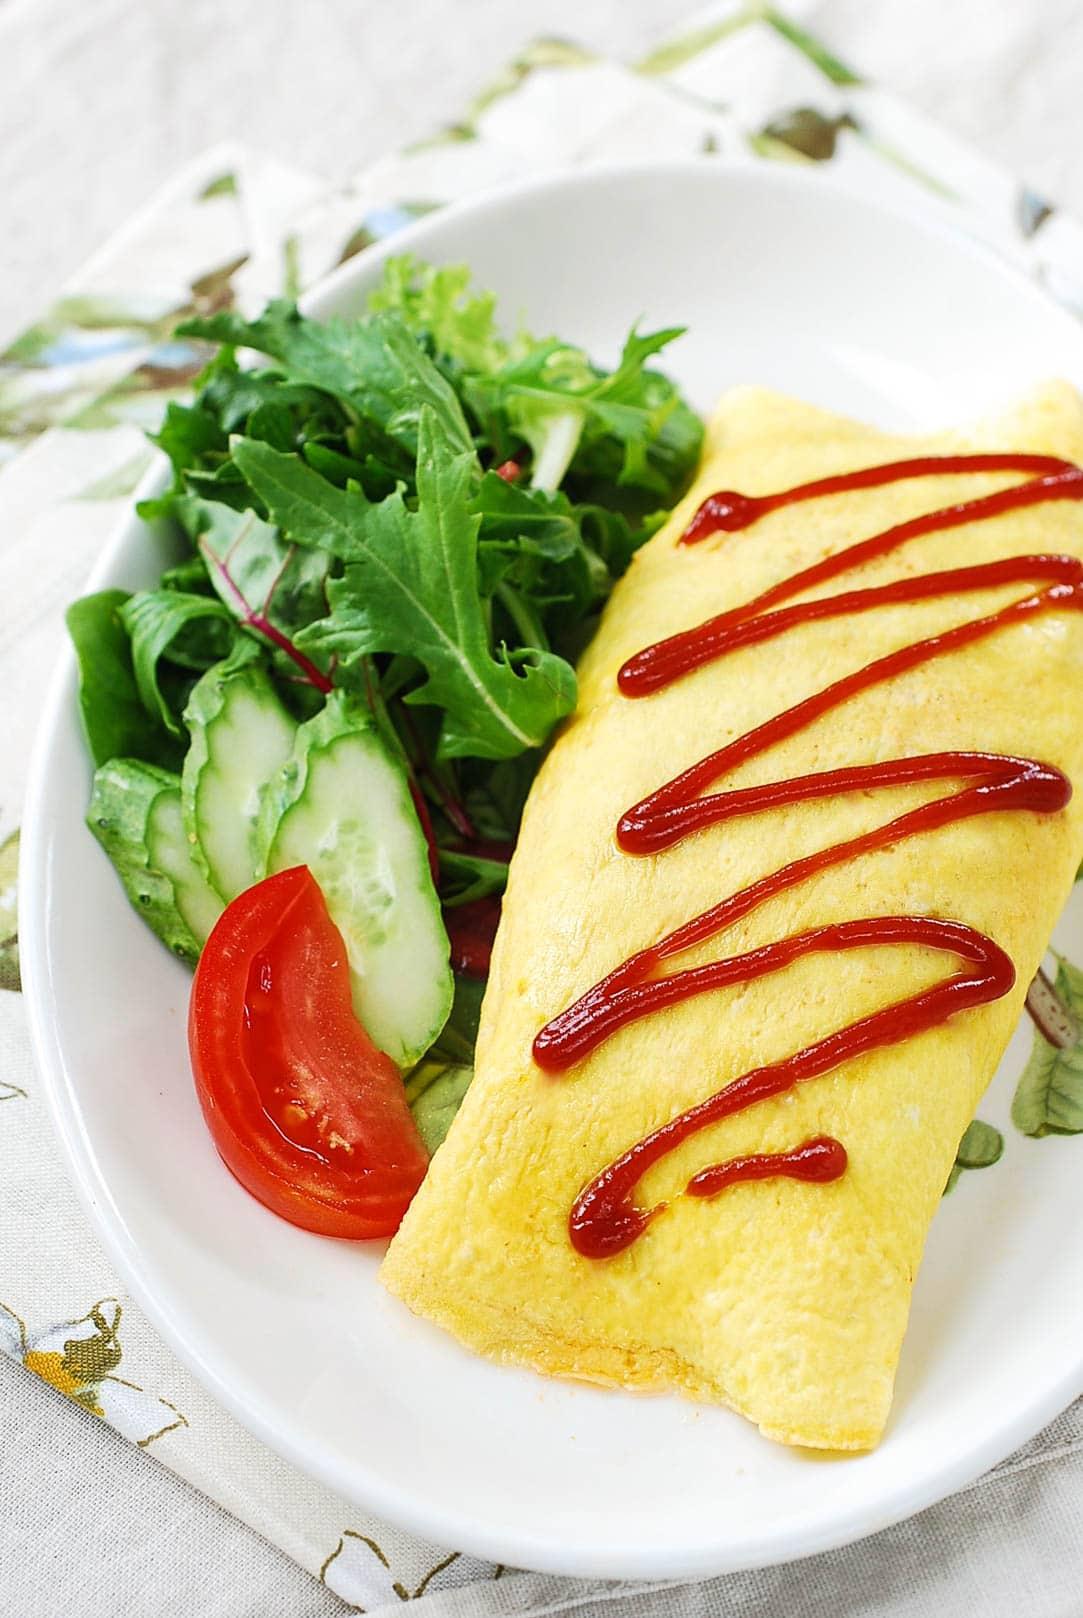 DSC 0135 - Omurice (Omelette Rice)